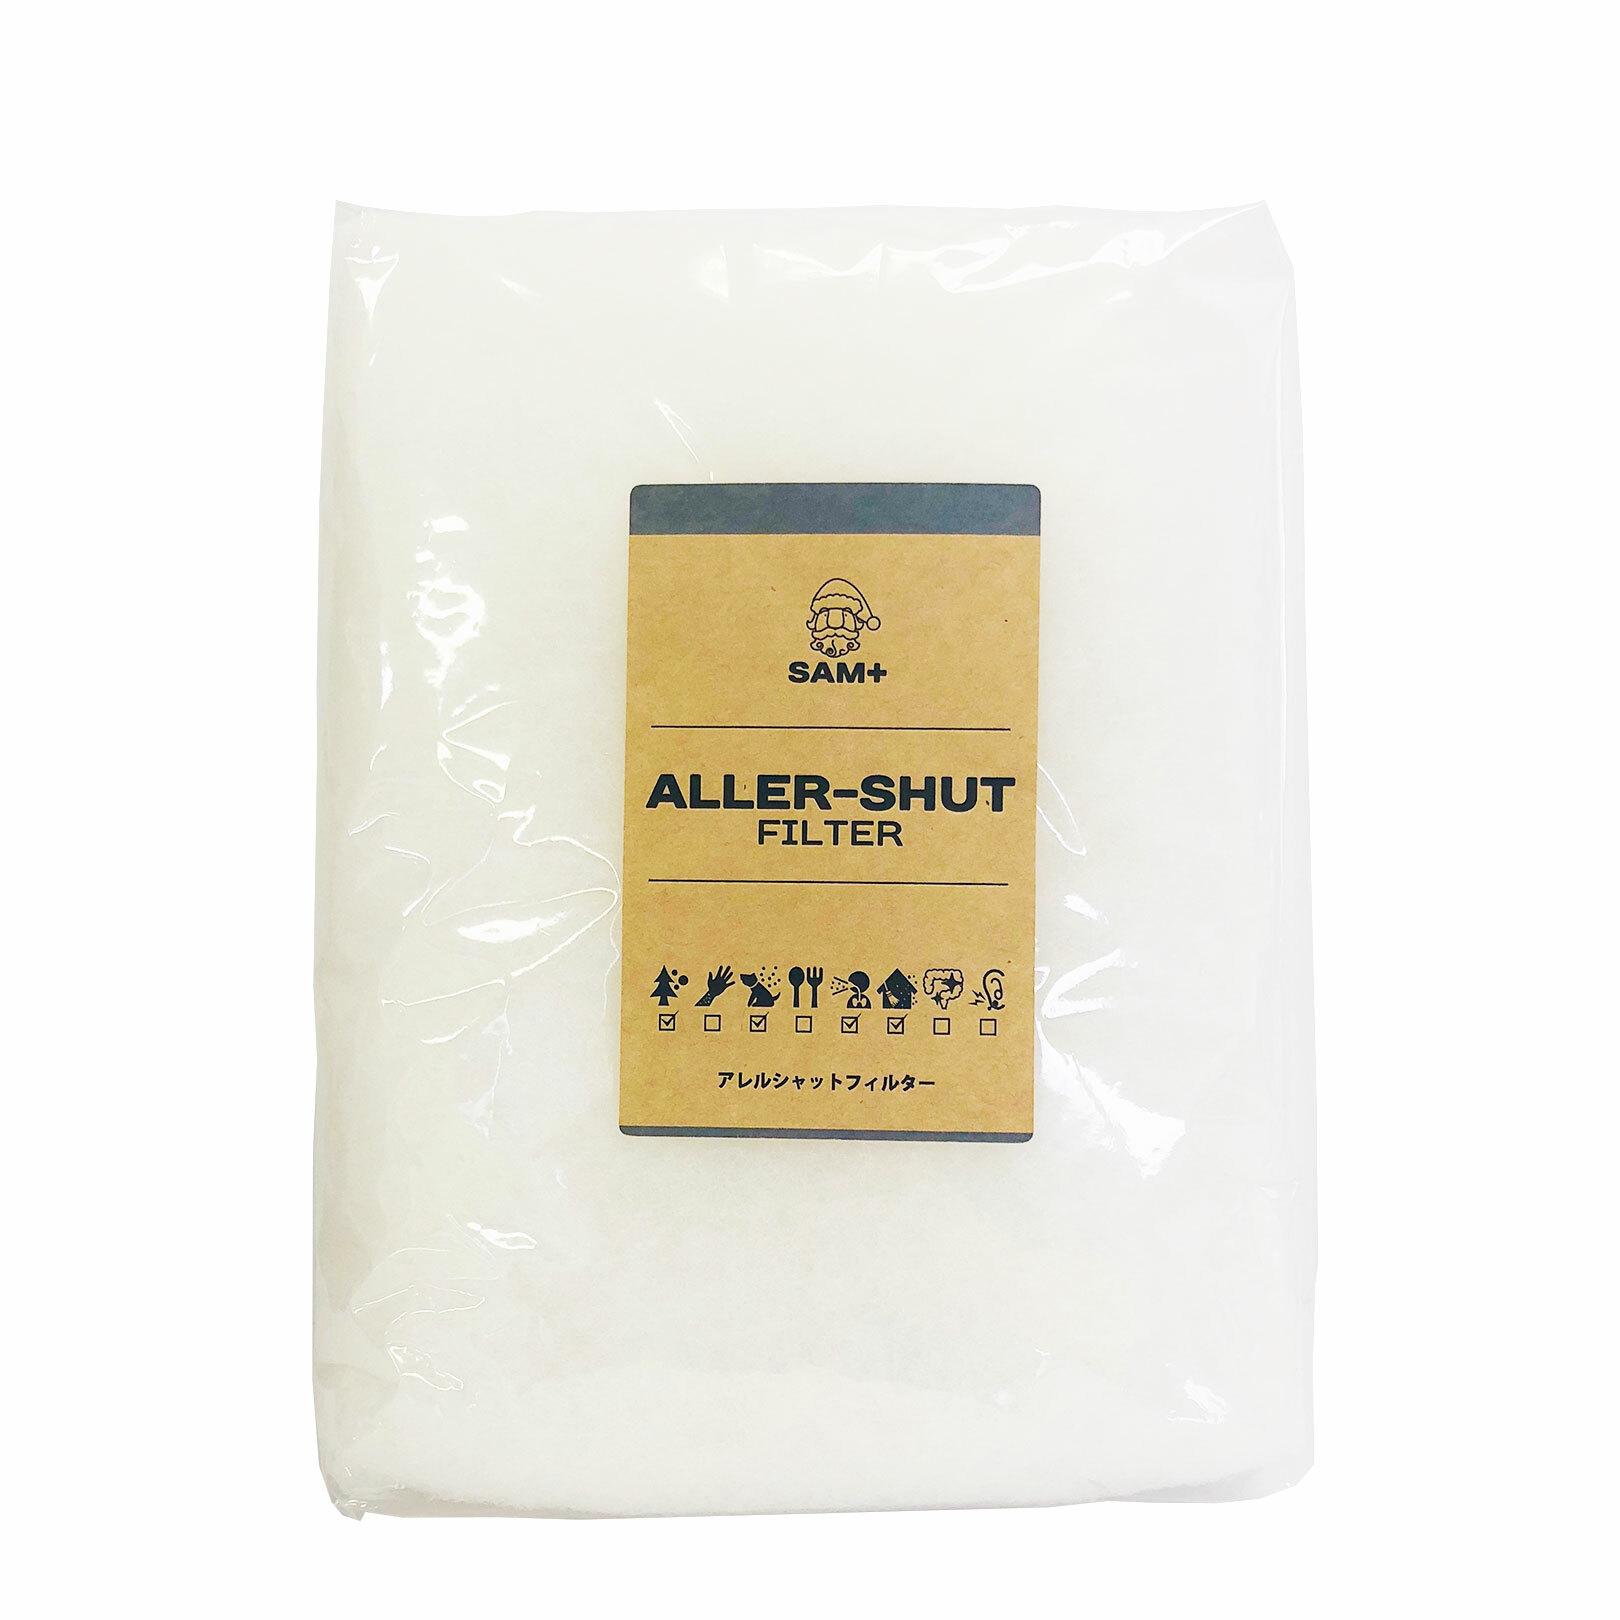 アレル・シャット・フィルター|花粉・ウィルス対策